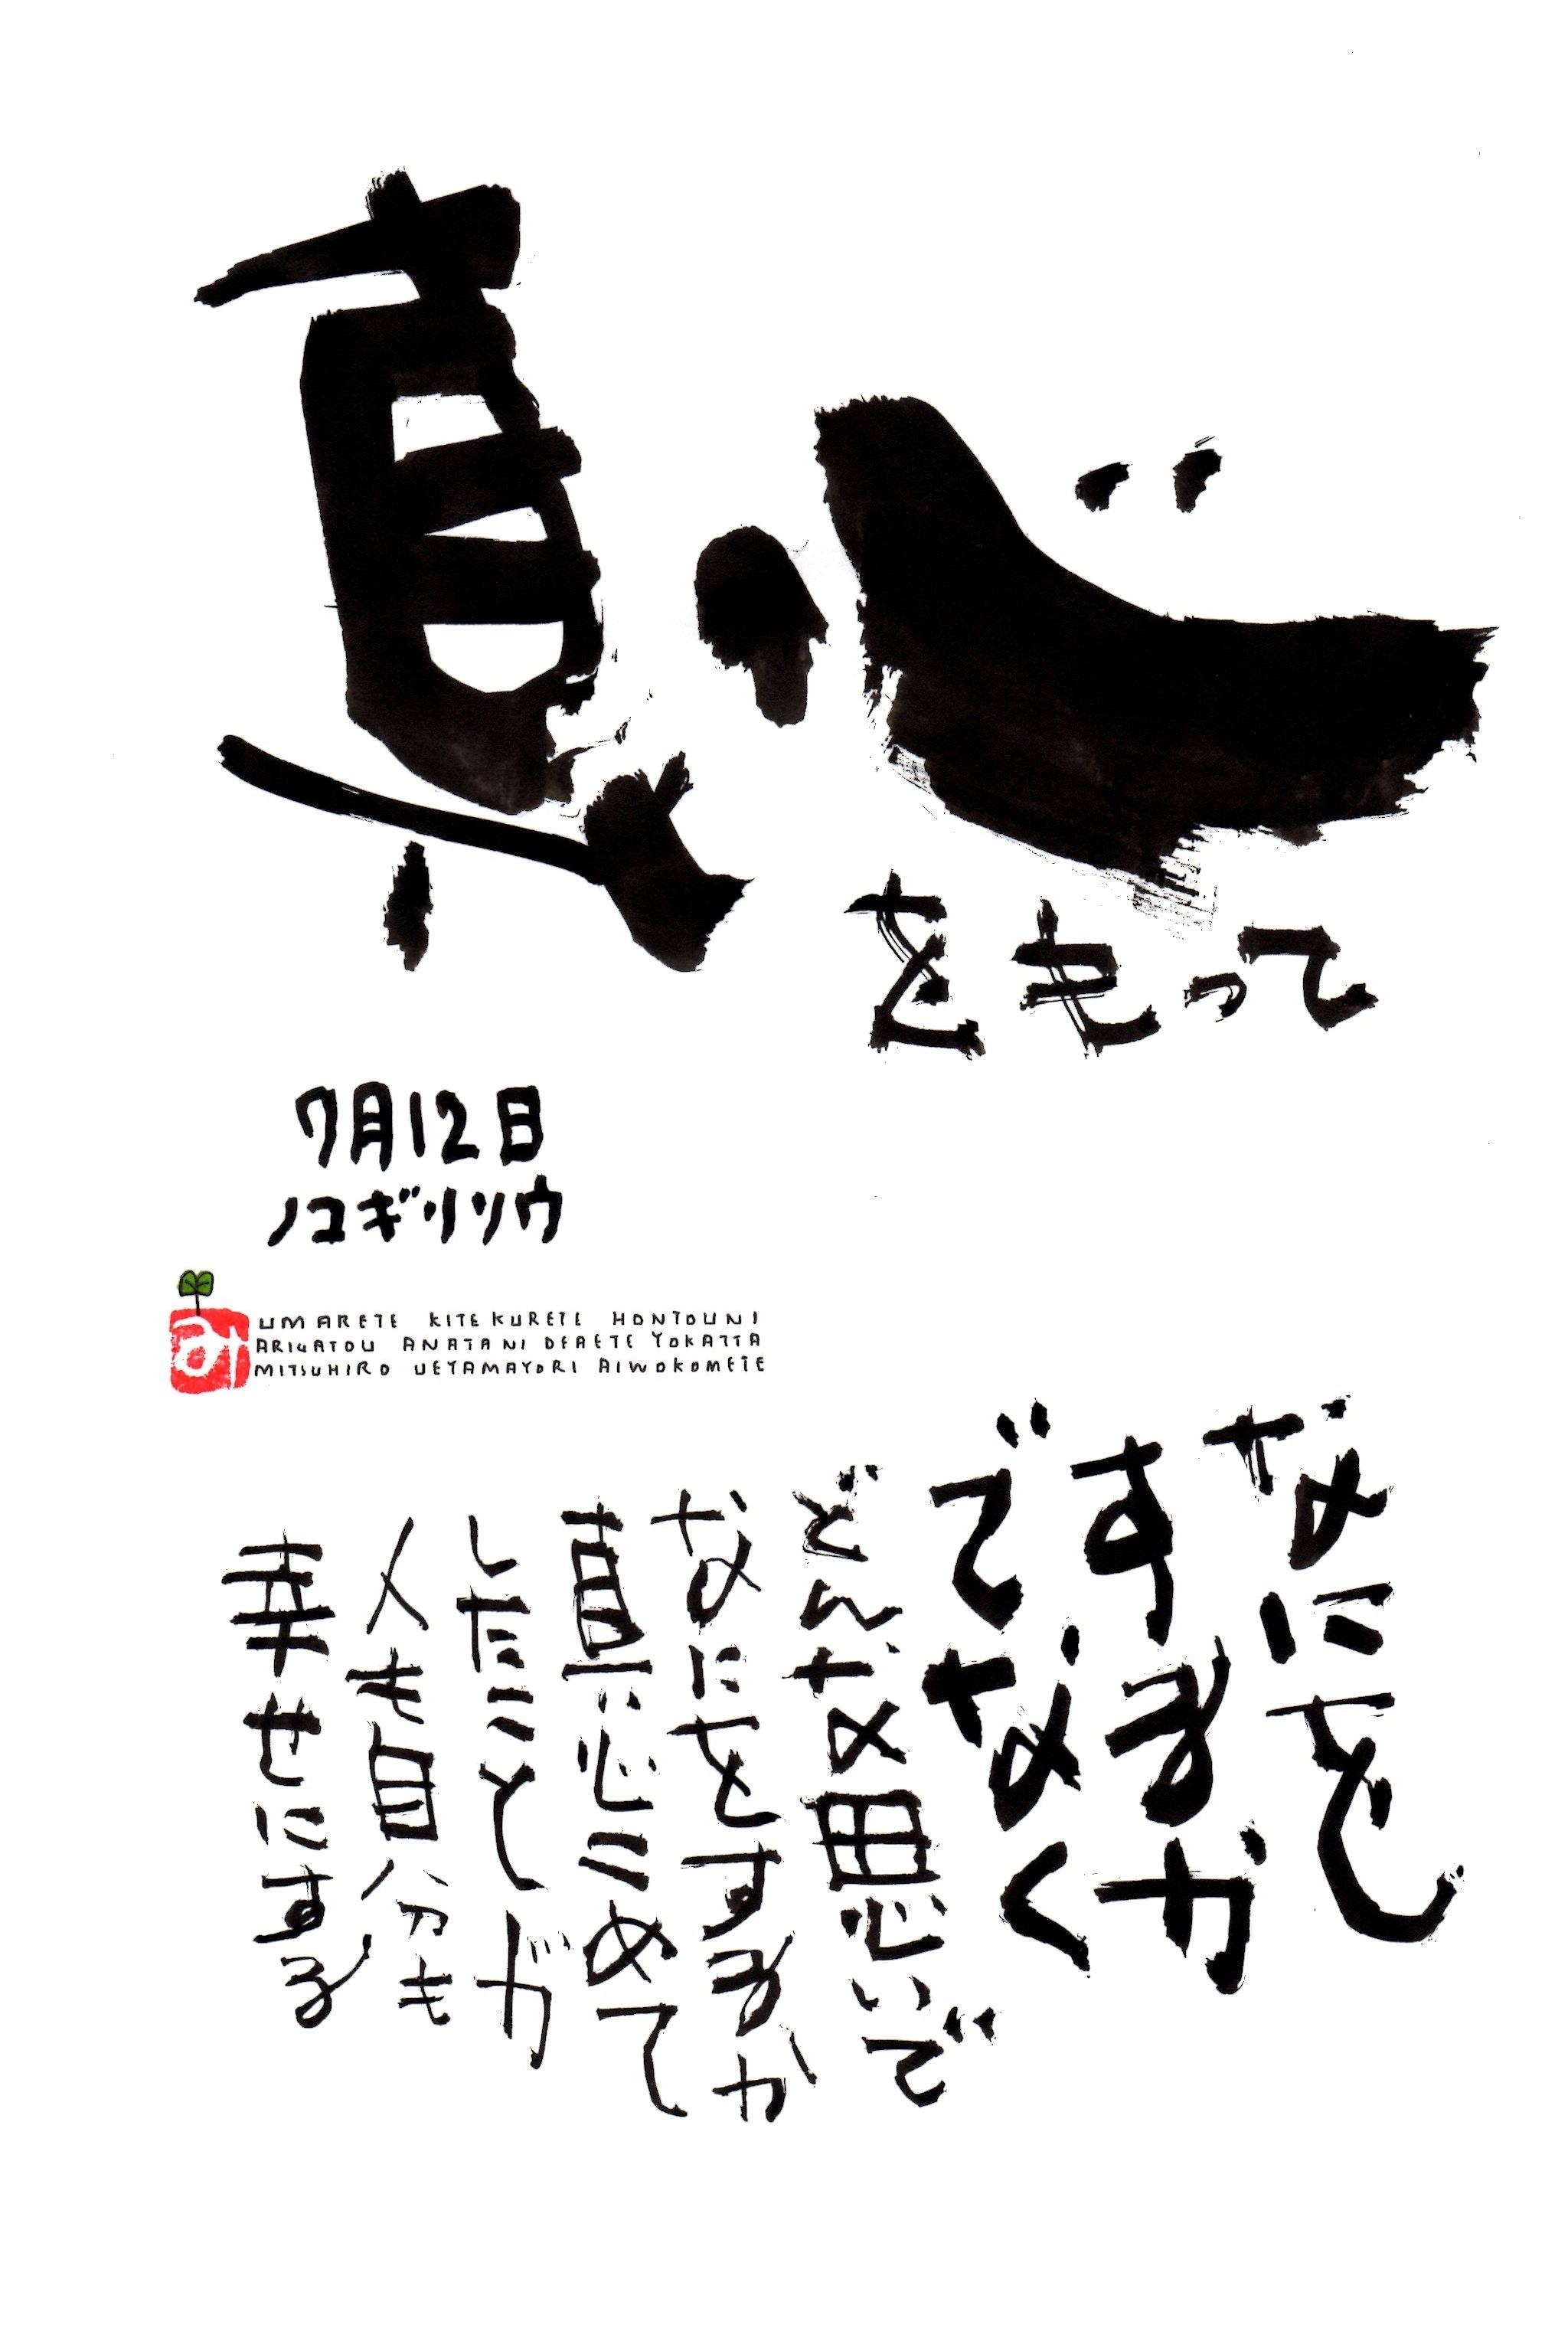 7月12日 誕生日ポストカード【真心をもって】With sincerity